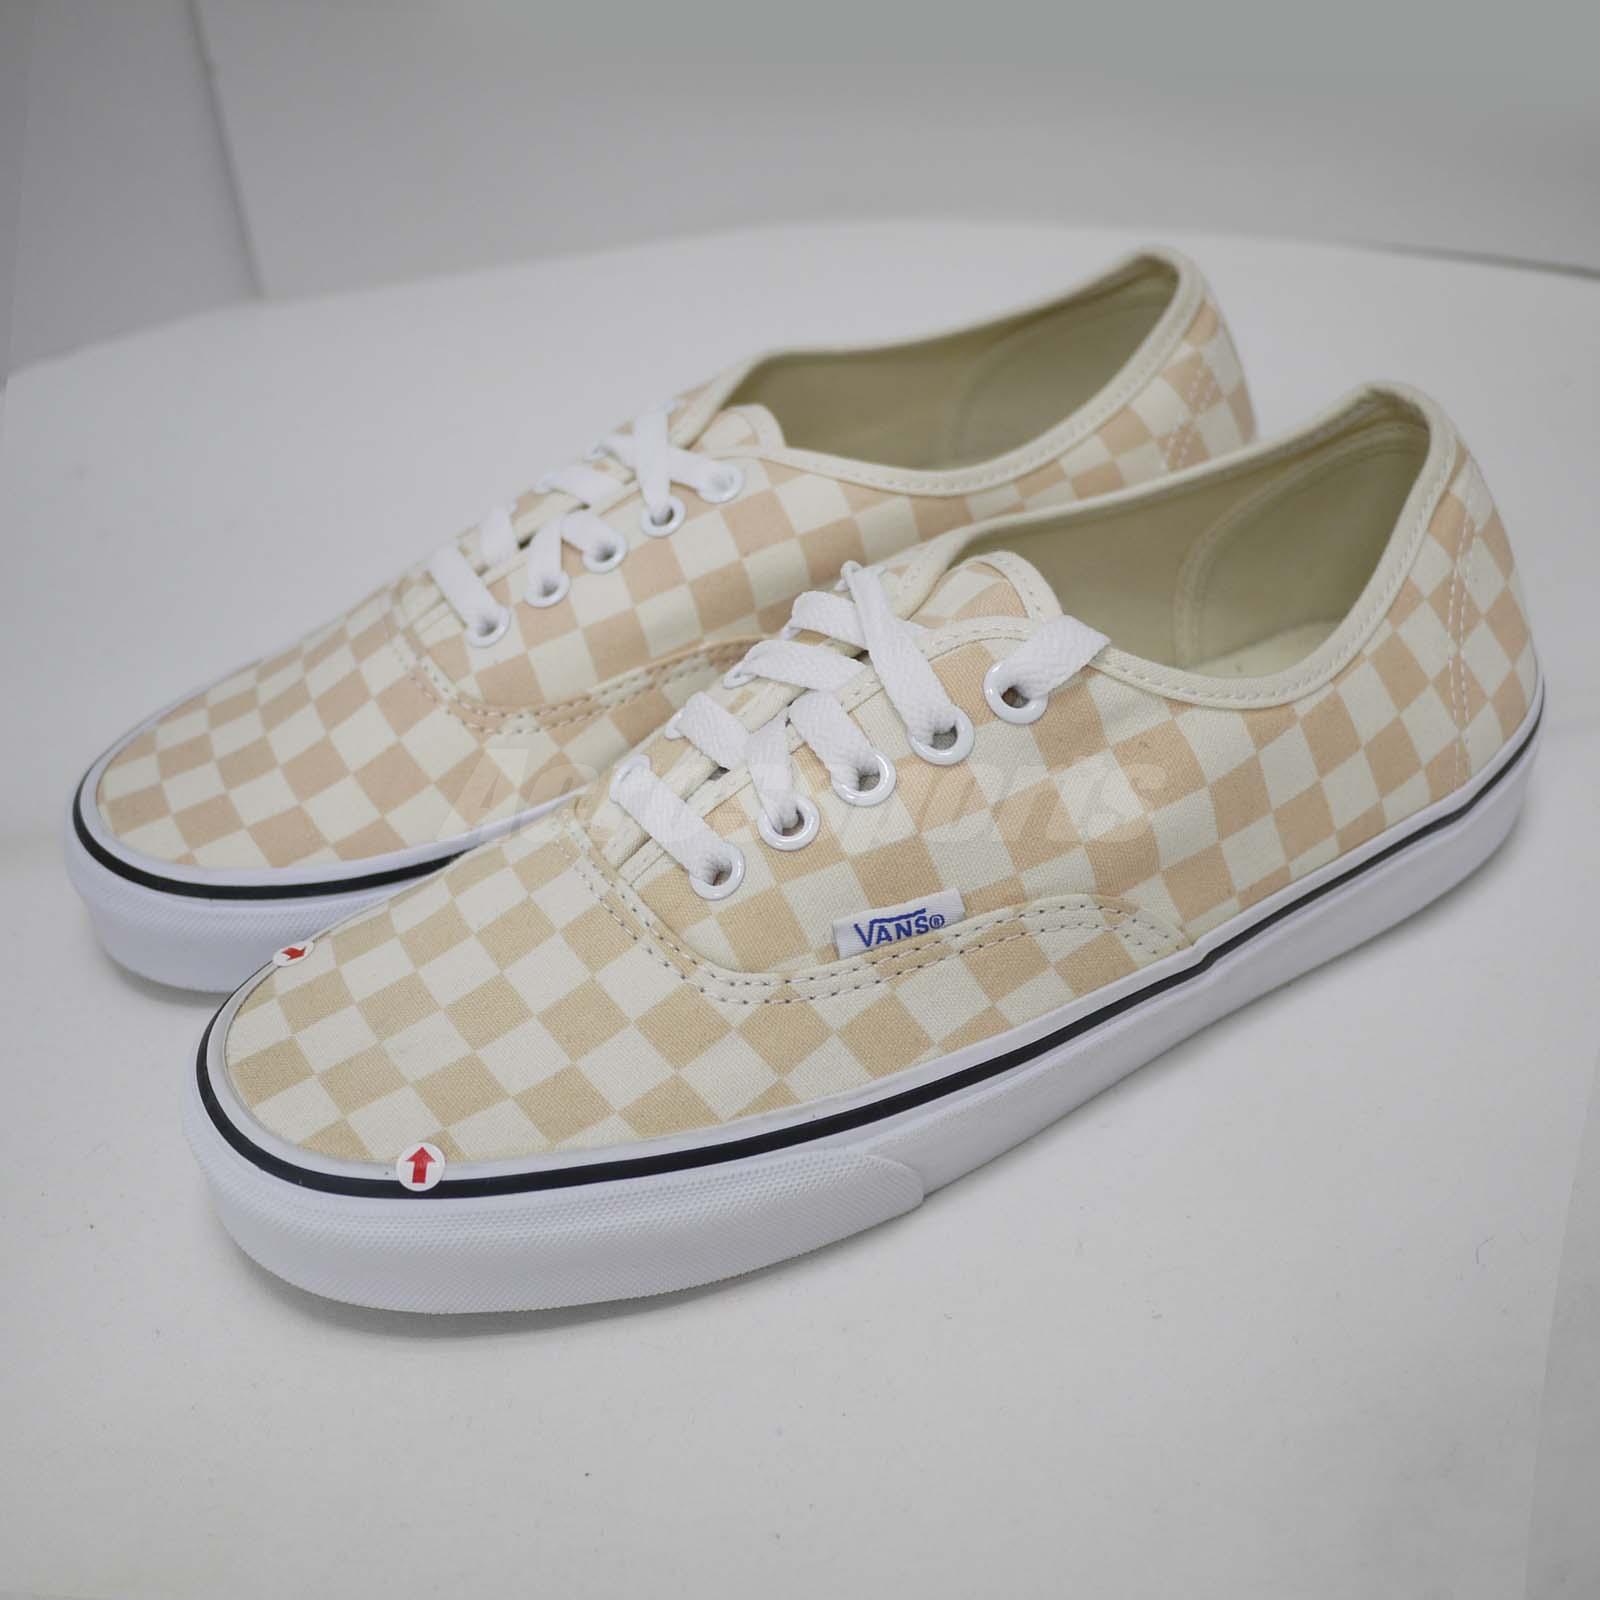 8d02d56458 Details about Vans Authentic Left Foot With Discoloration Men US9 Shoes  Sneakers VN0A38EMQ8K